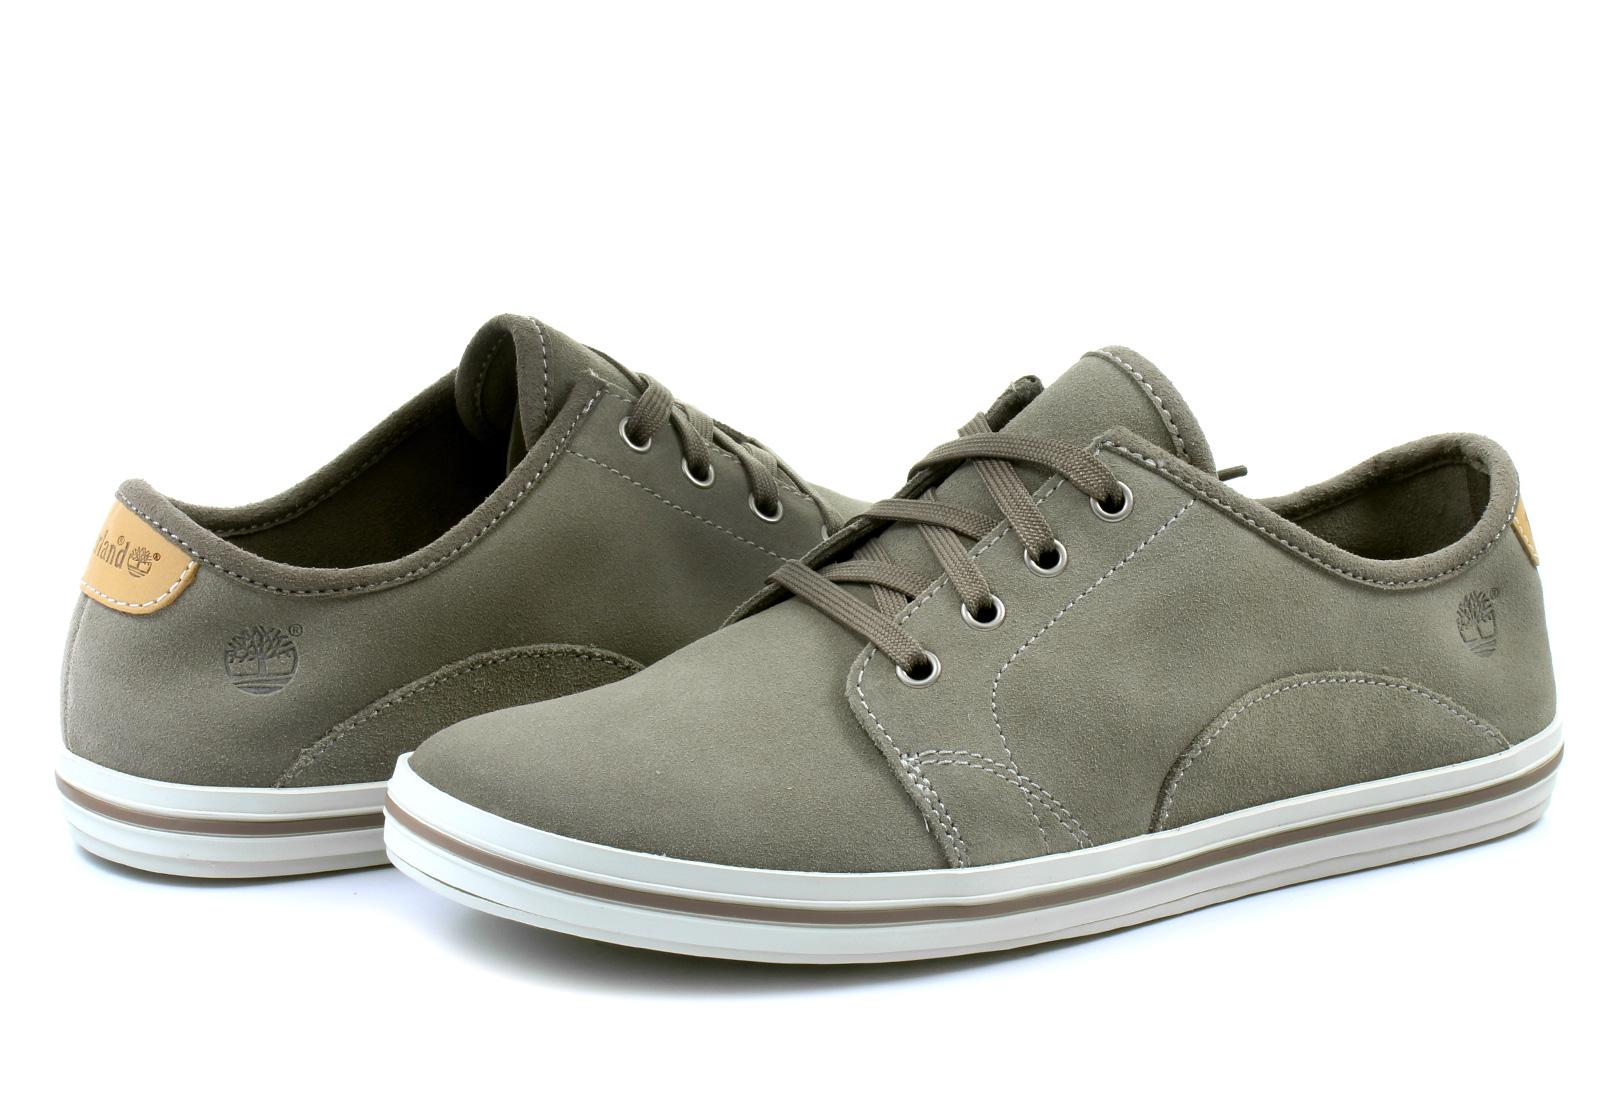 timberland shoes cascobay 5651r tau online shop for. Black Bedroom Furniture Sets. Home Design Ideas